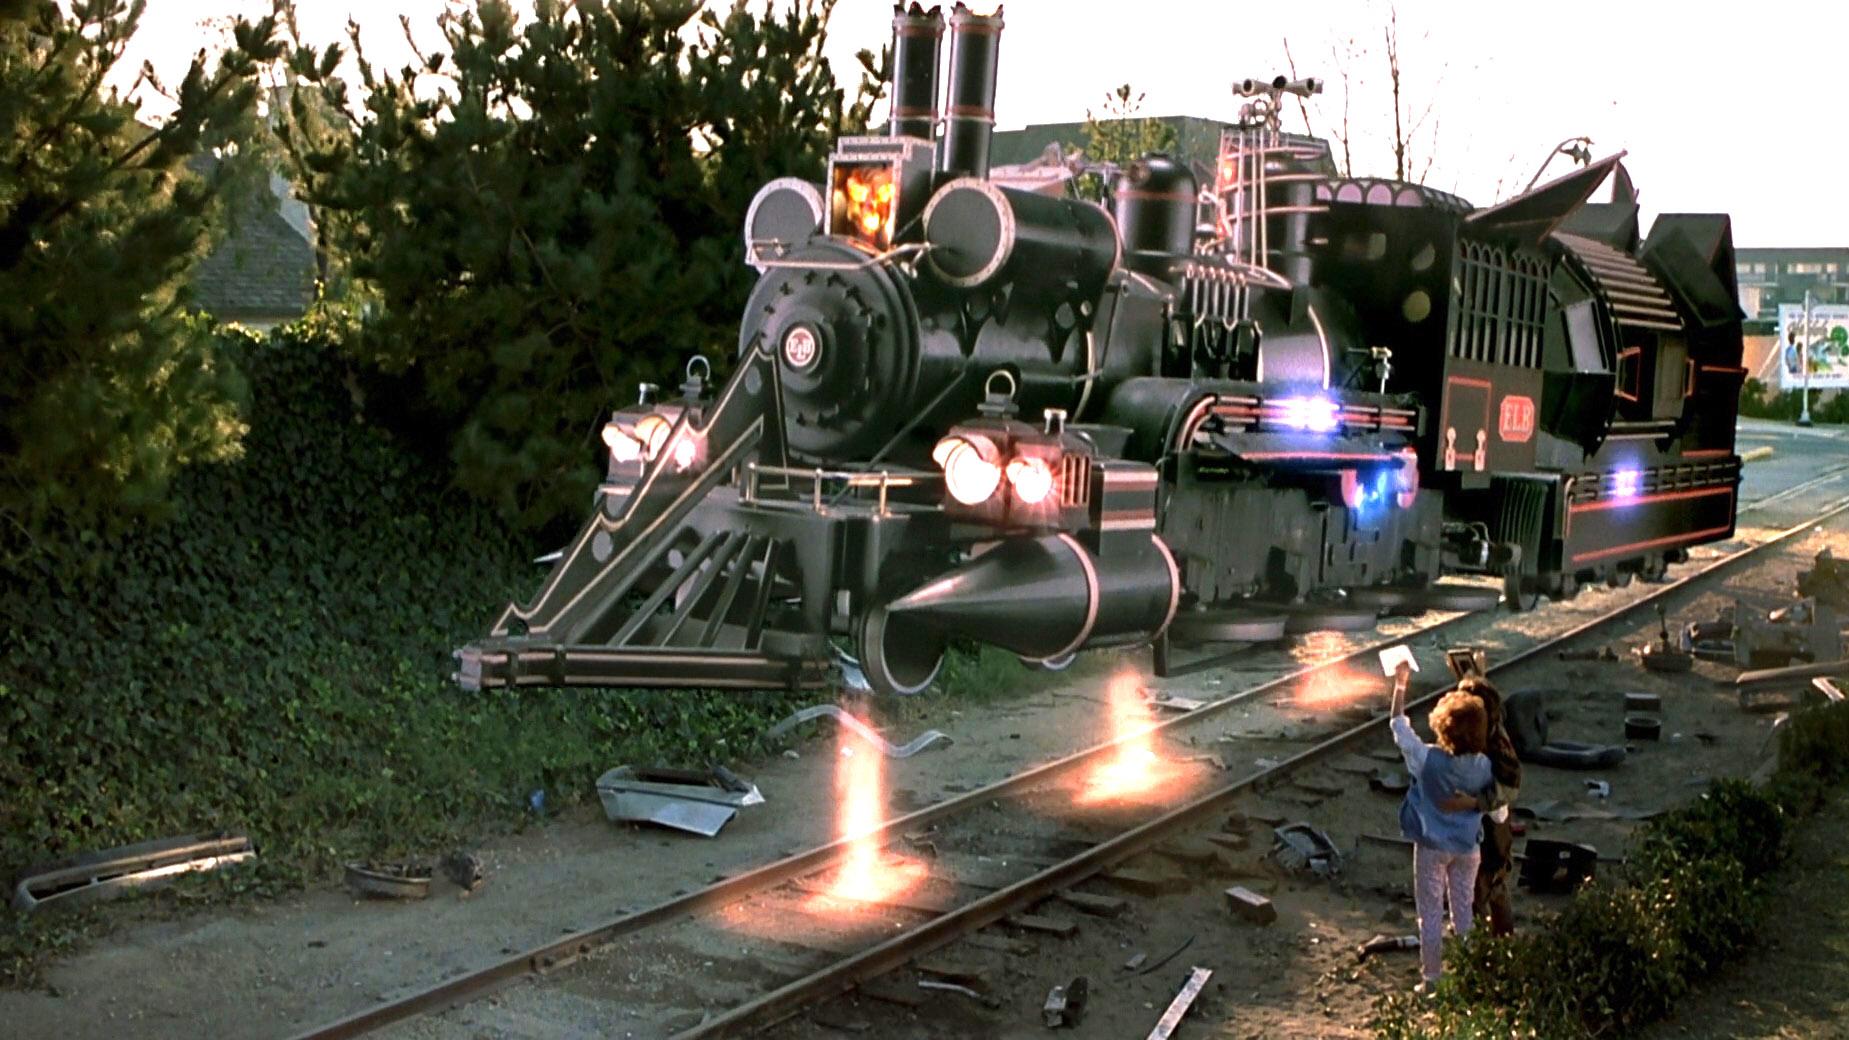 火车也能玩穿越,博士发明超酷时光火车!5分钟看完《回到未来3》